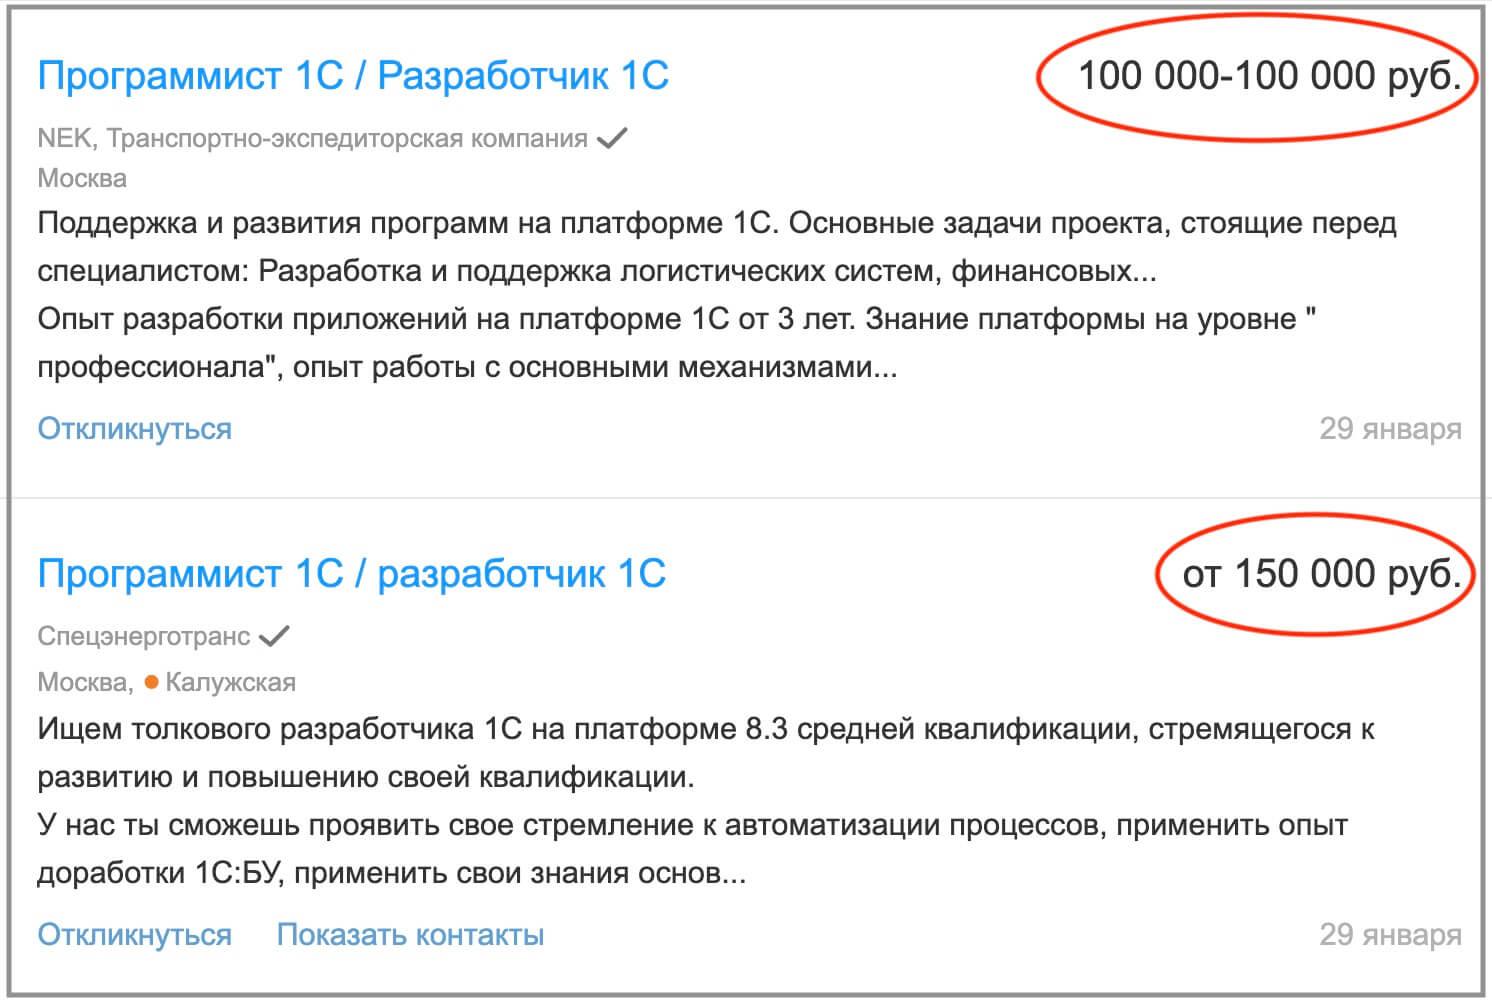 1С-разработчики зарабатывают от 100 000 рублей в месяц